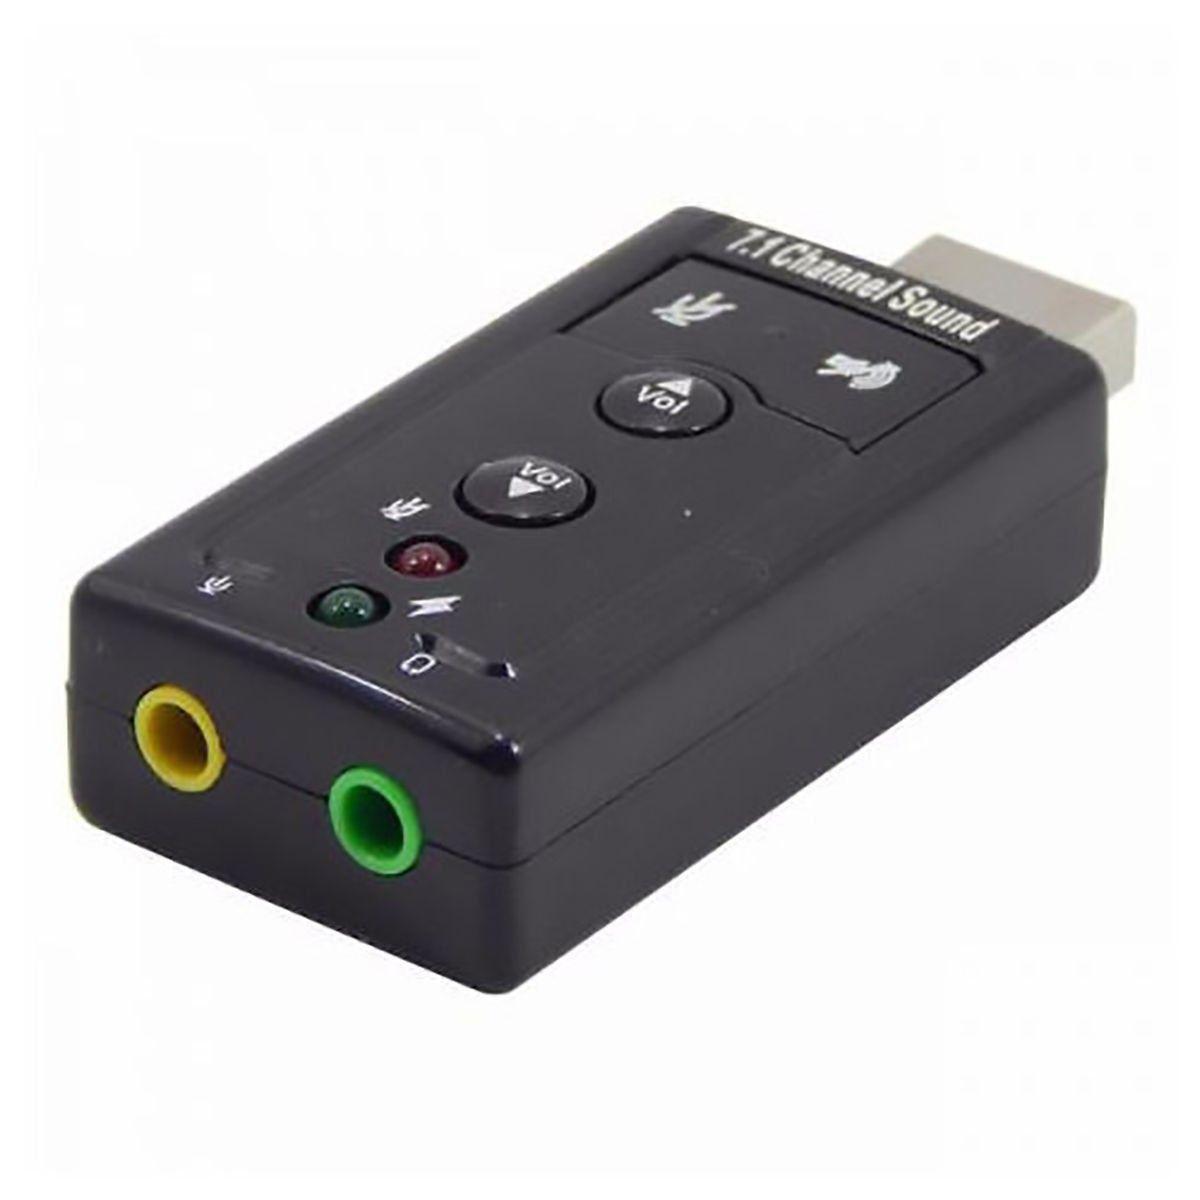 Adaptador de Som USB 2.0 Externo 7.1 Canais Exbom USOM-10 / Placa de Som USB